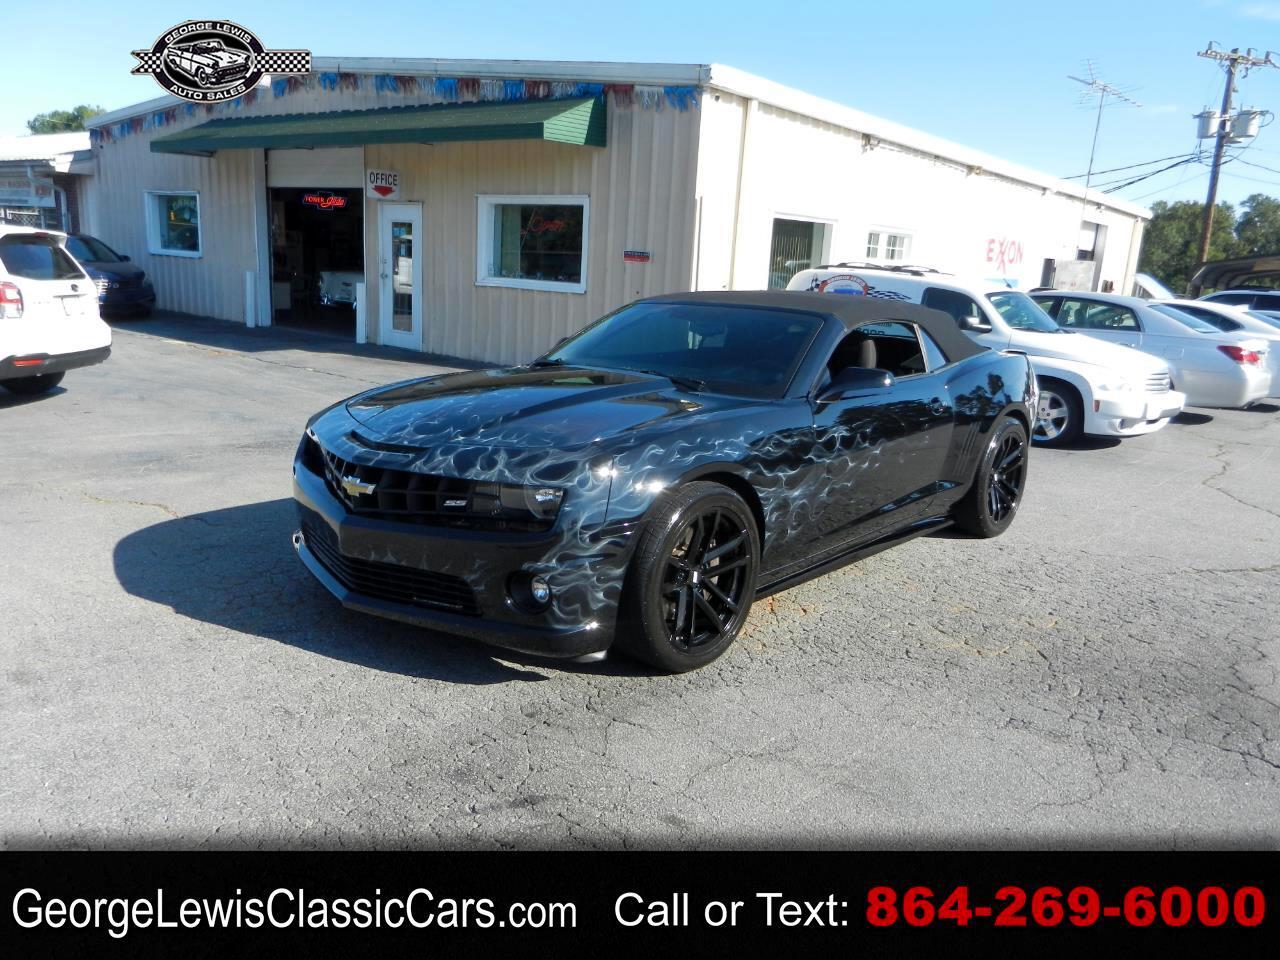 Chevrolet Camaro Convertible 1SS 2012